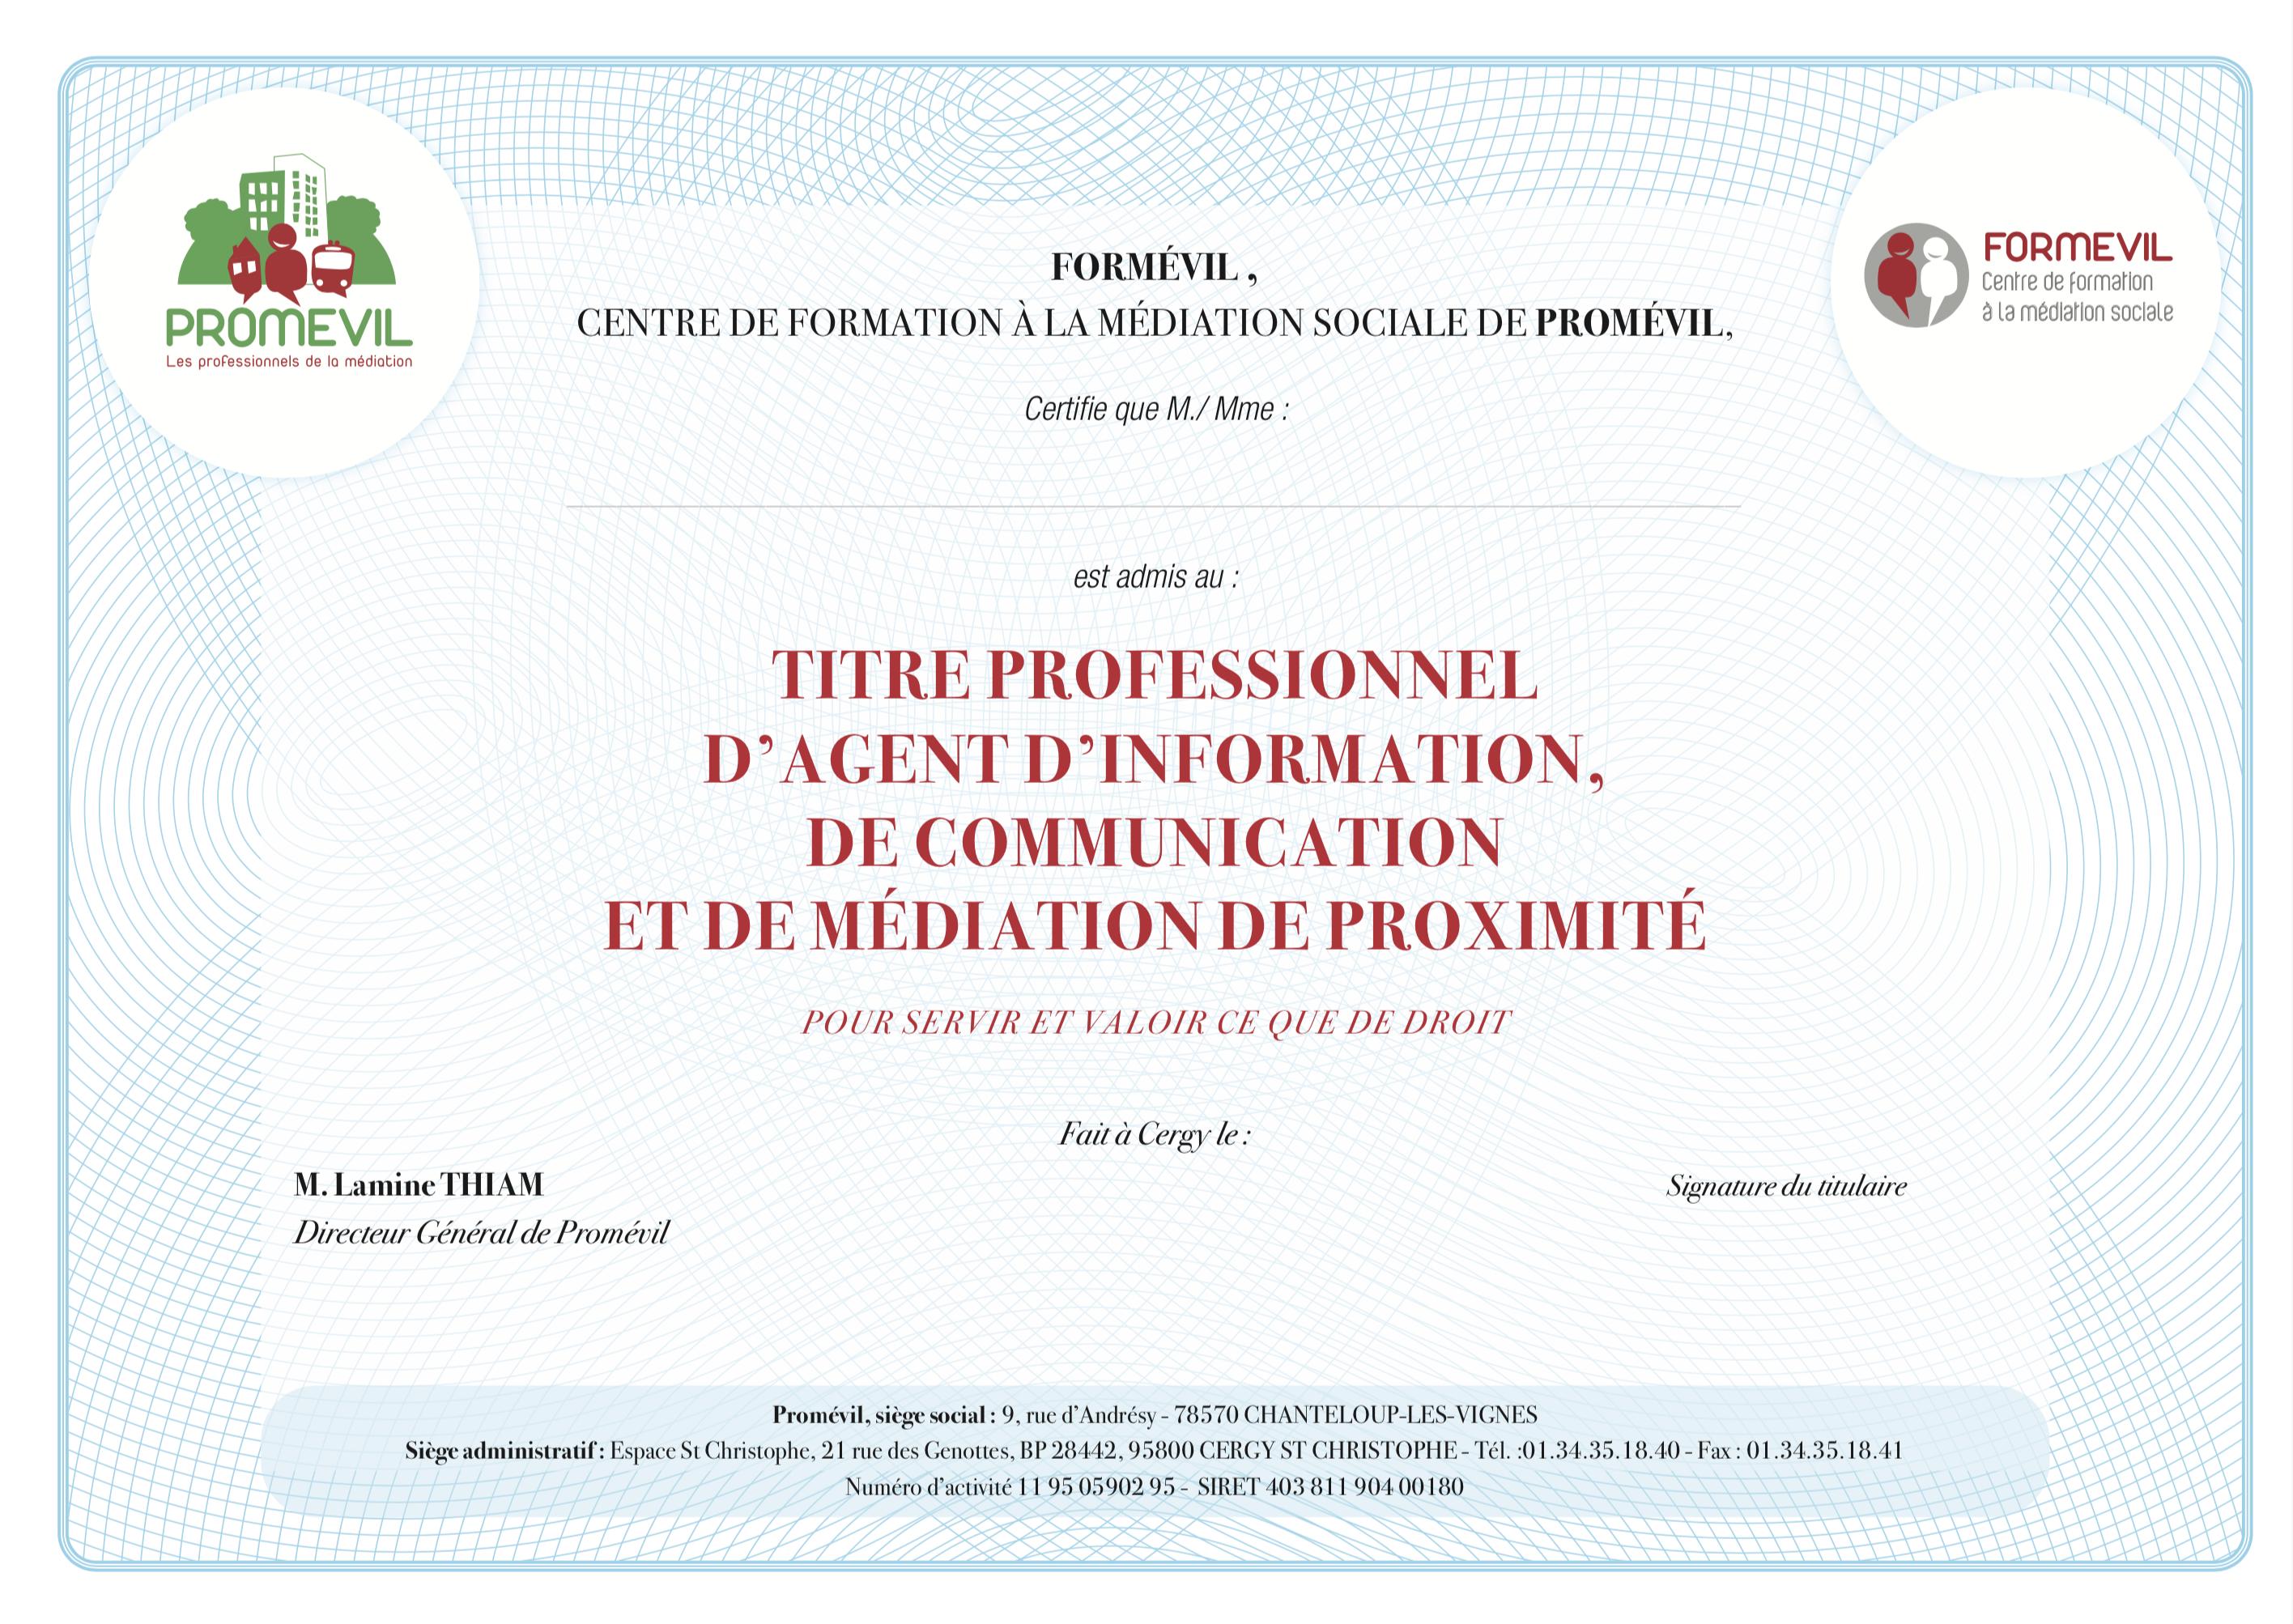 Titre professionnel AIMCP - Agent d'information, de communication et de médiation de proximité